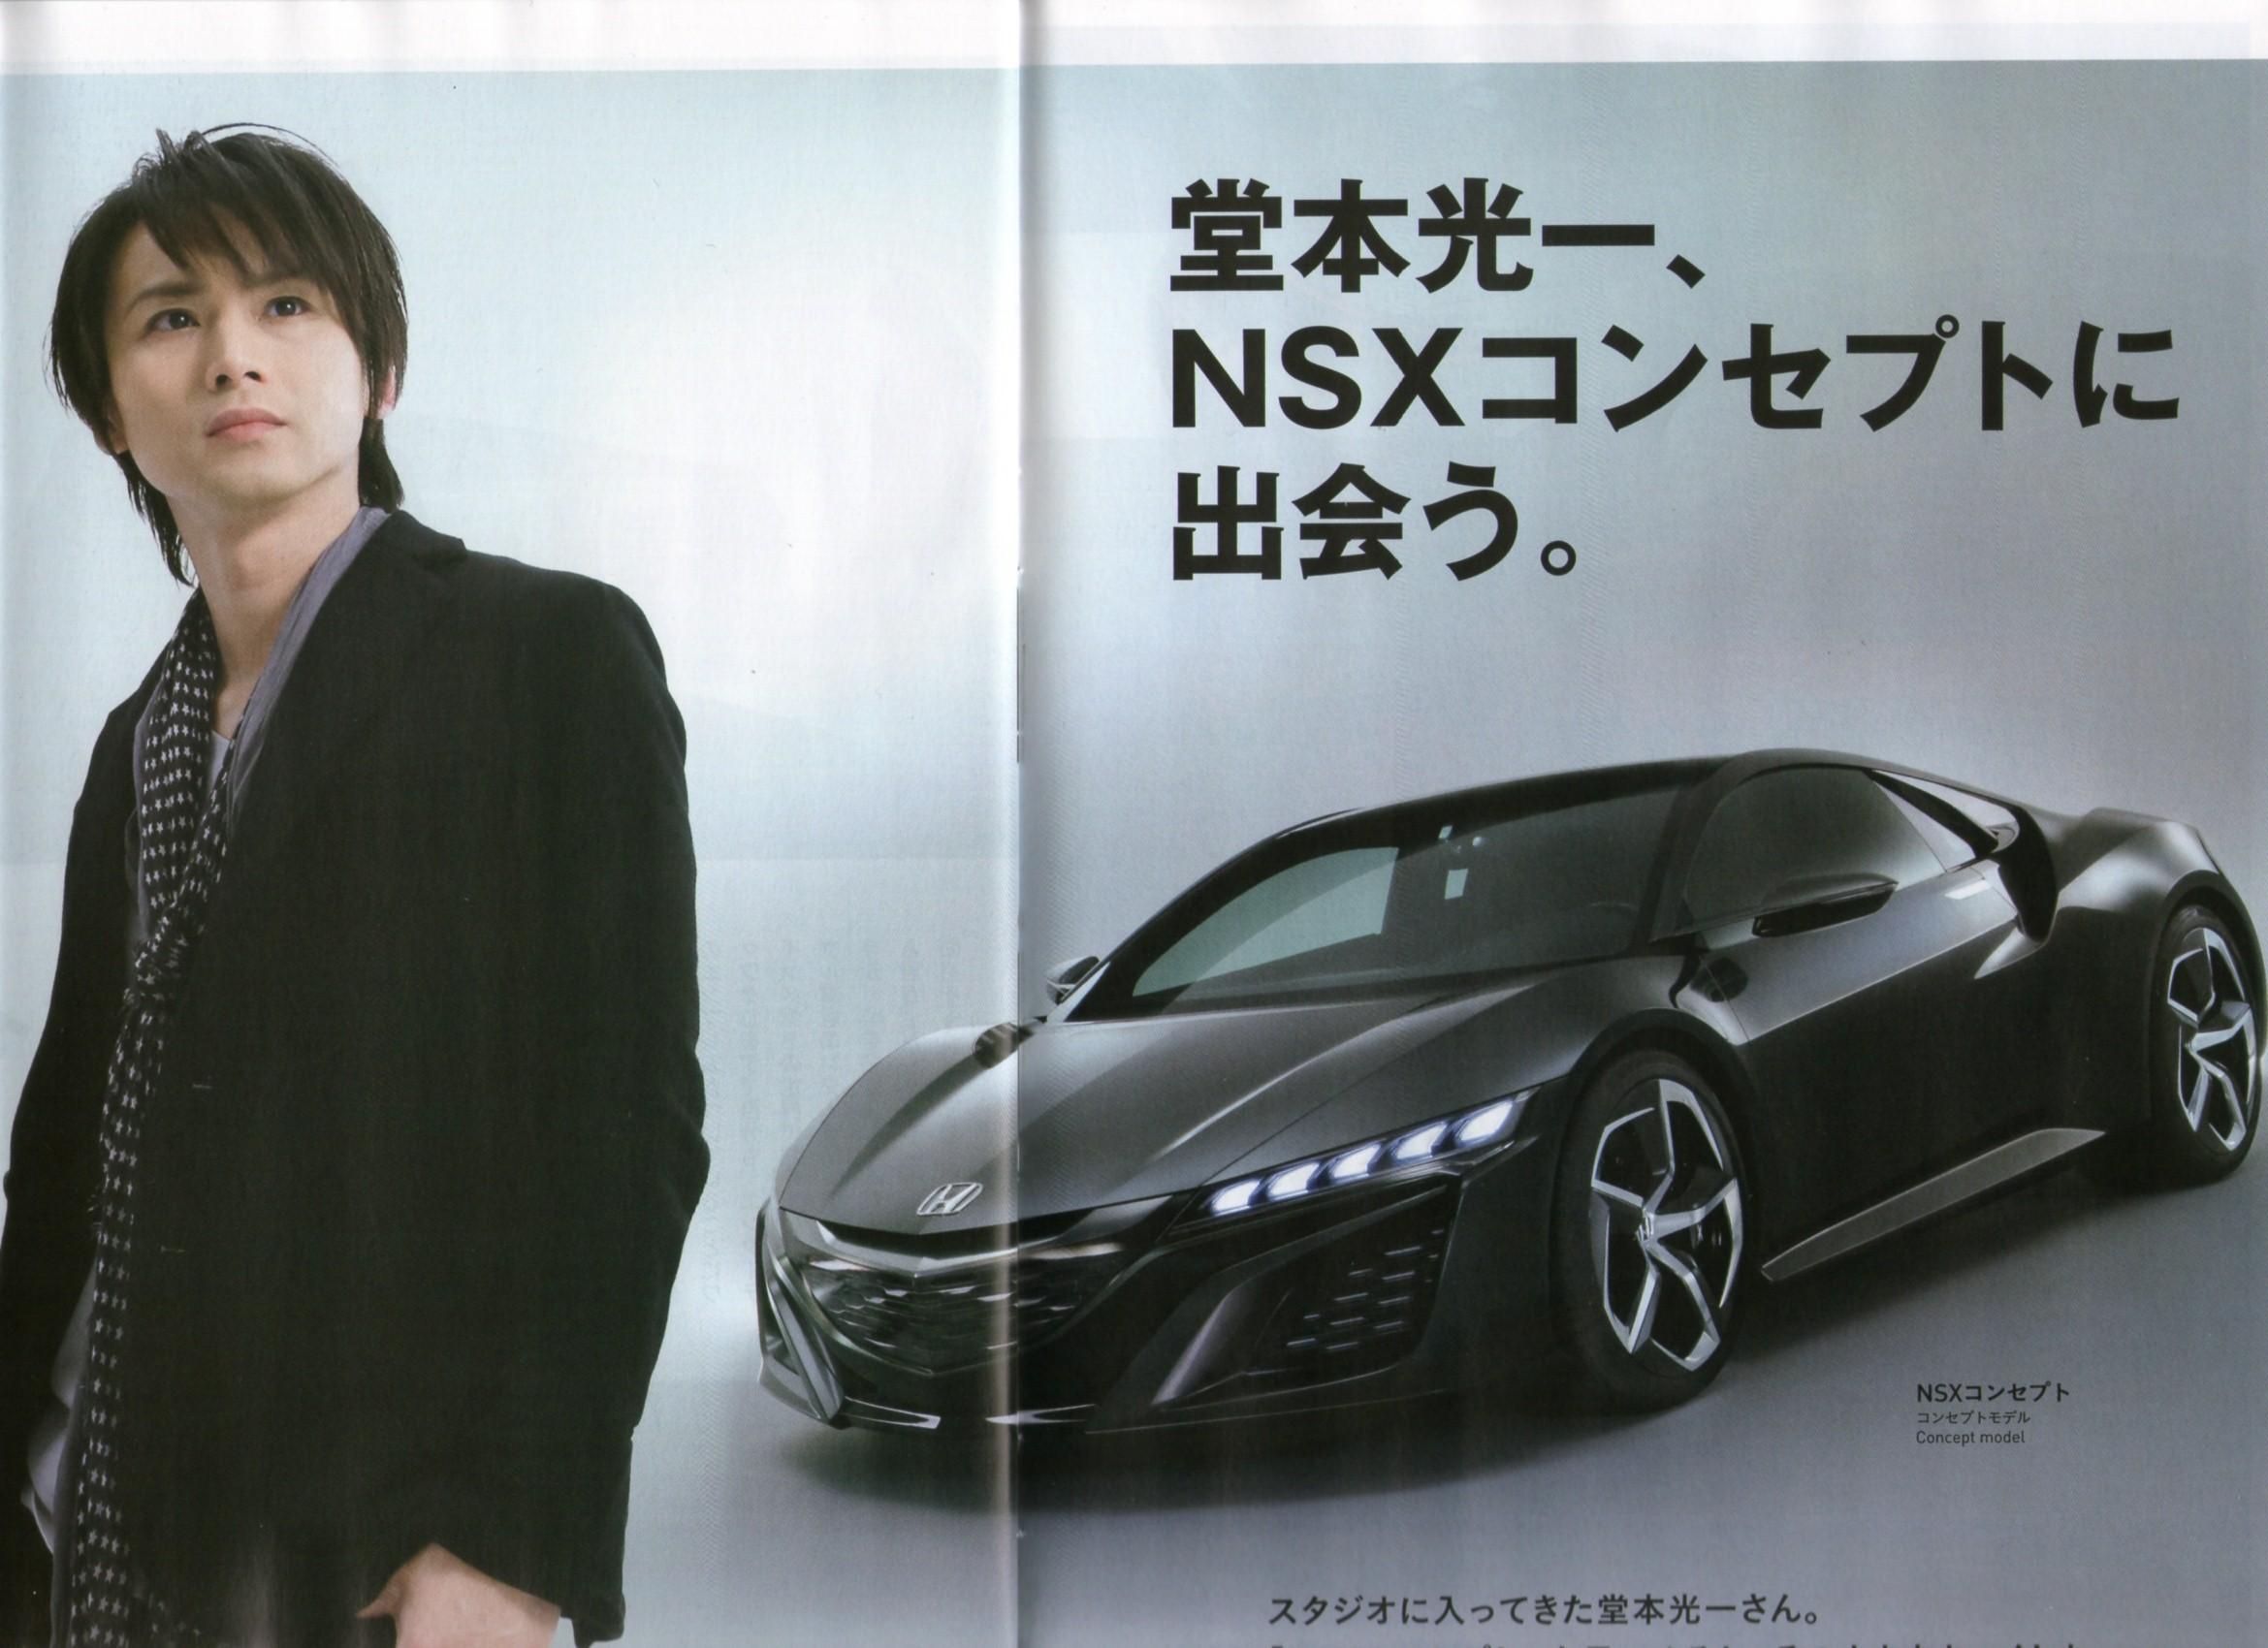 堂本光一さんが、新型NSXにゾッコンLOVE!【東京モーターショー2013